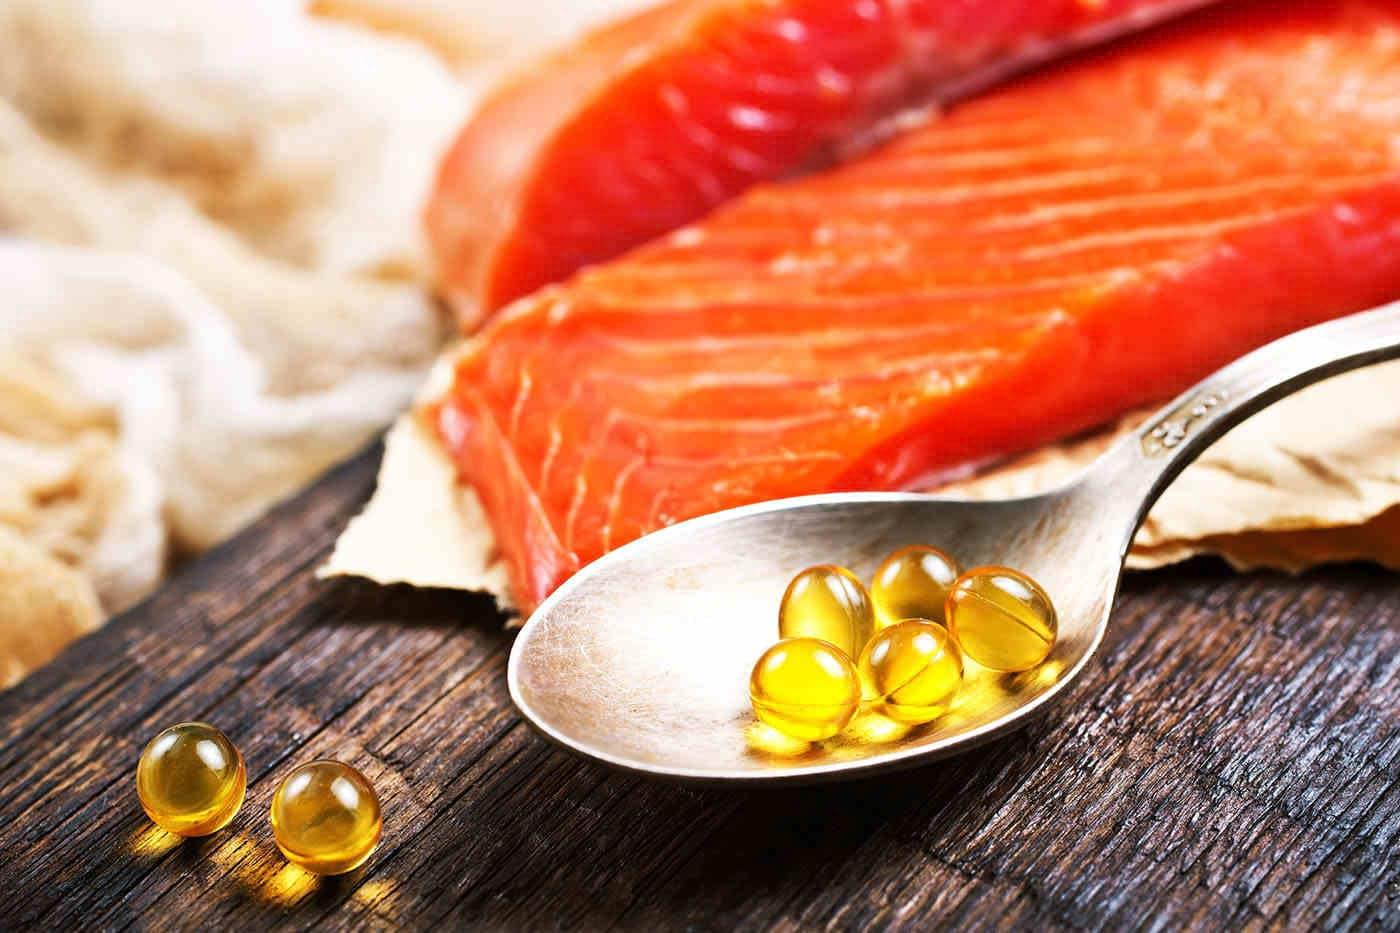 Consumul de pește în copilărie poate scădea riscul de boli cardiace [studiu]